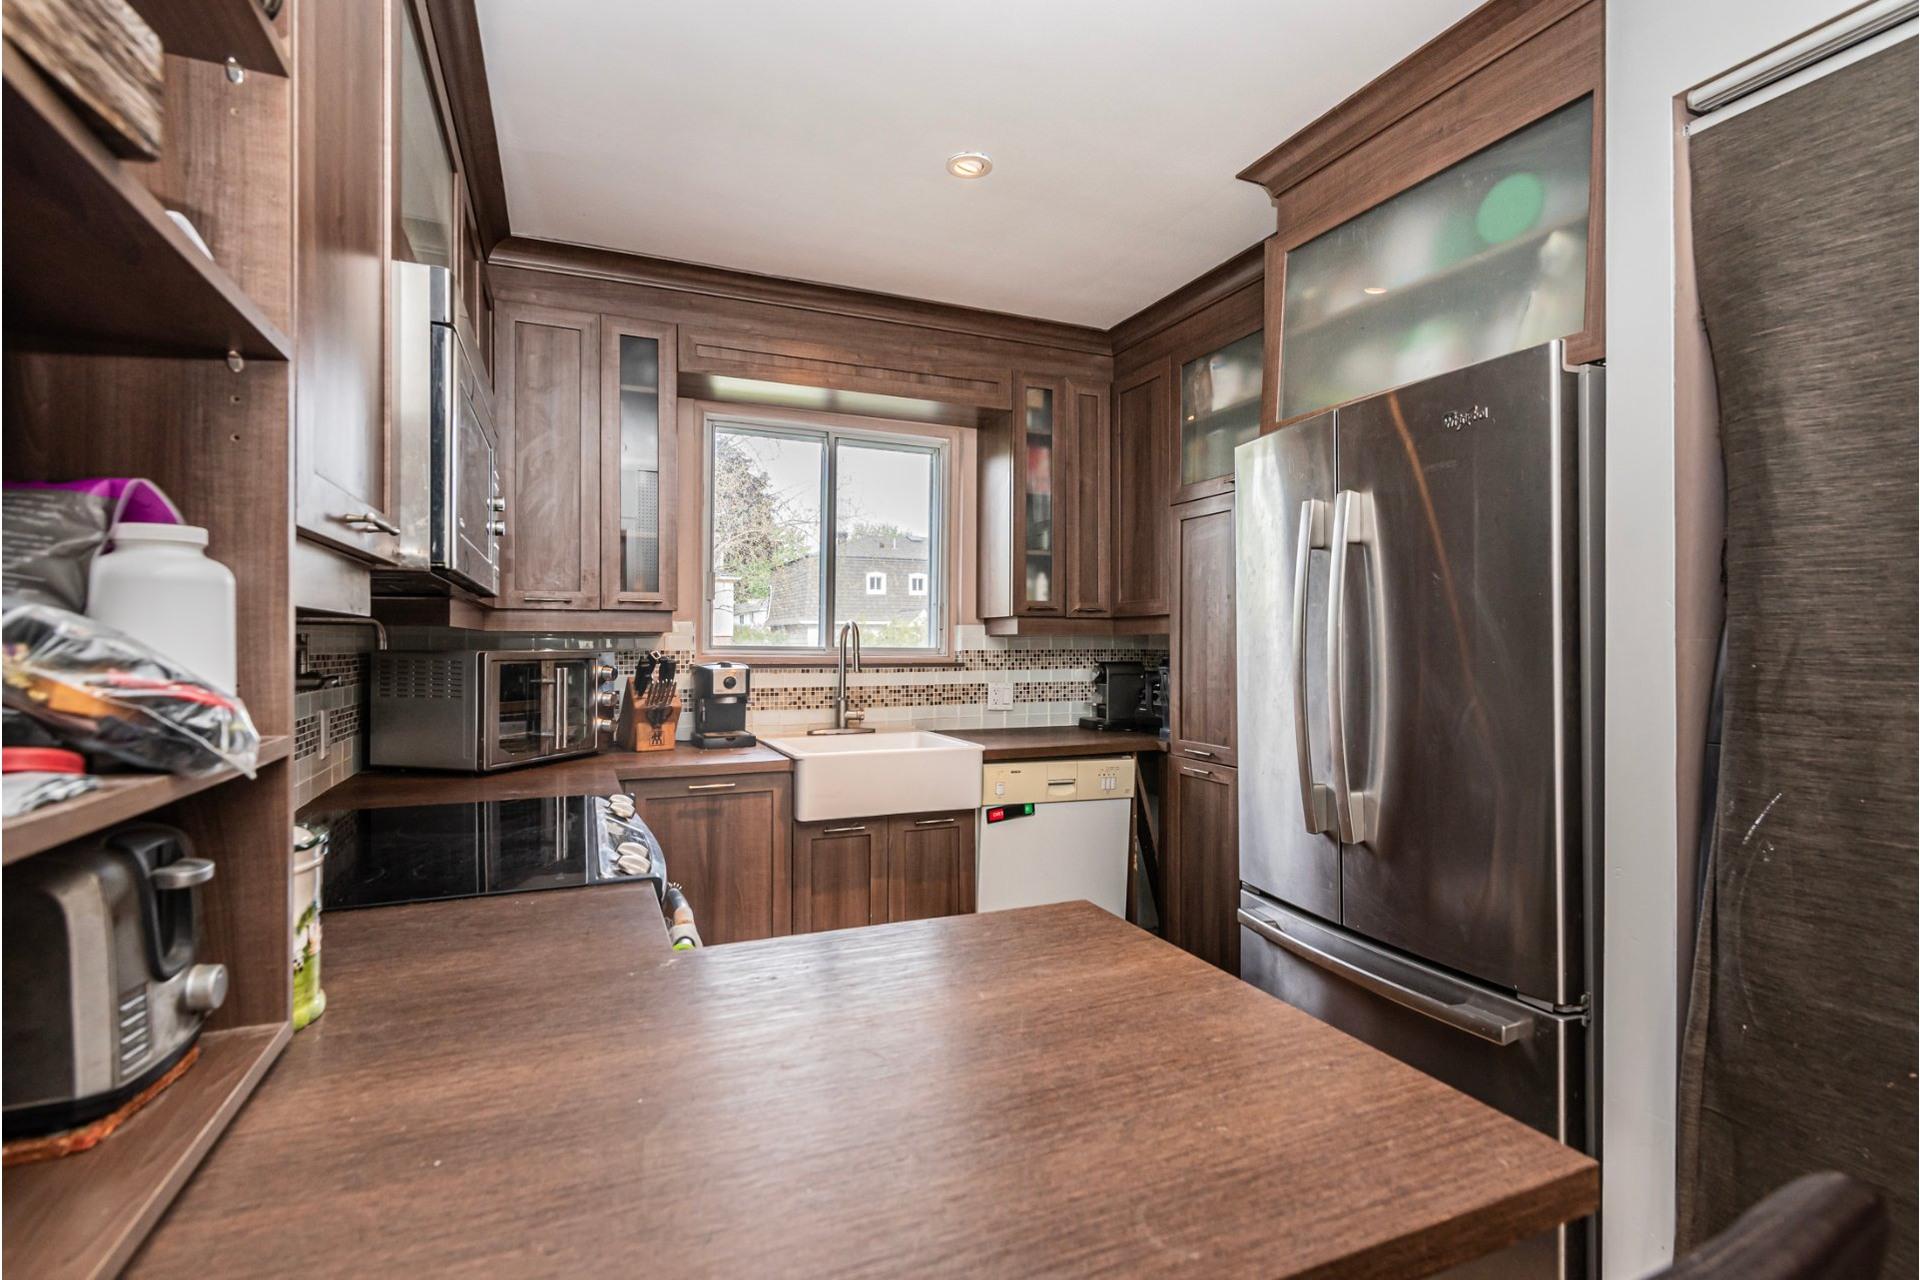 image 11 - House For sale Lachine Montréal  - 12 rooms